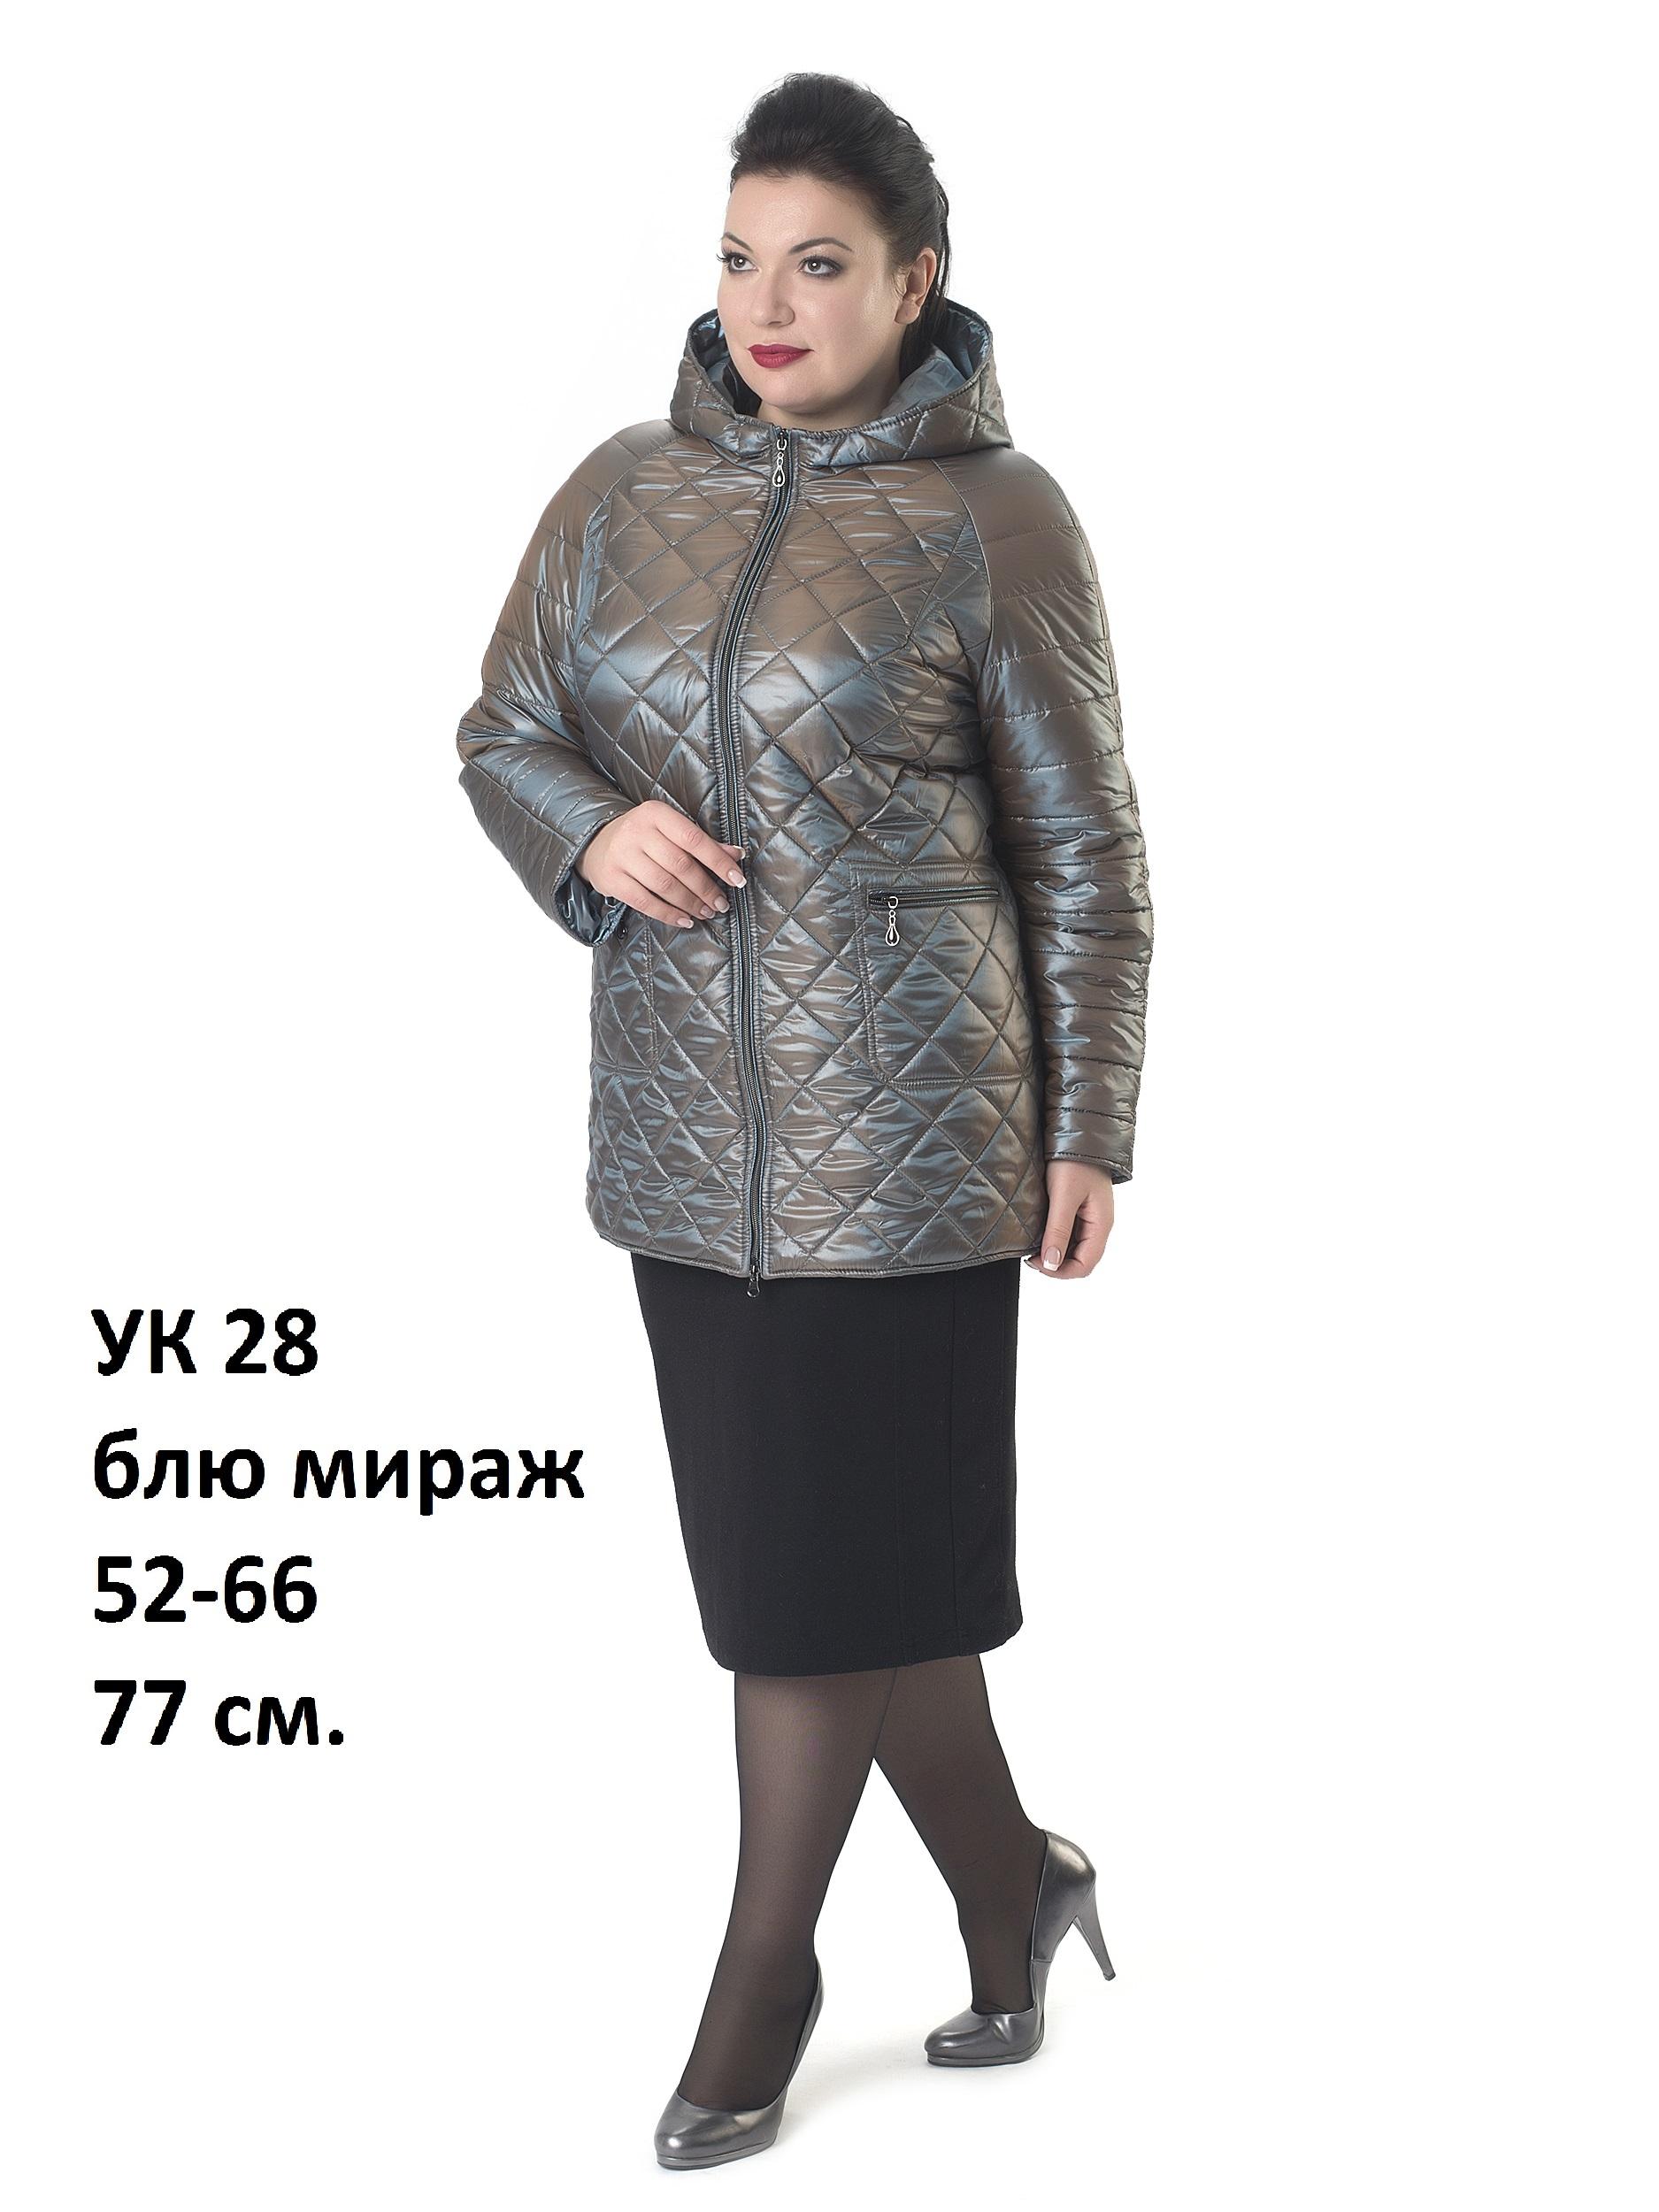 Цена 8500 рублей